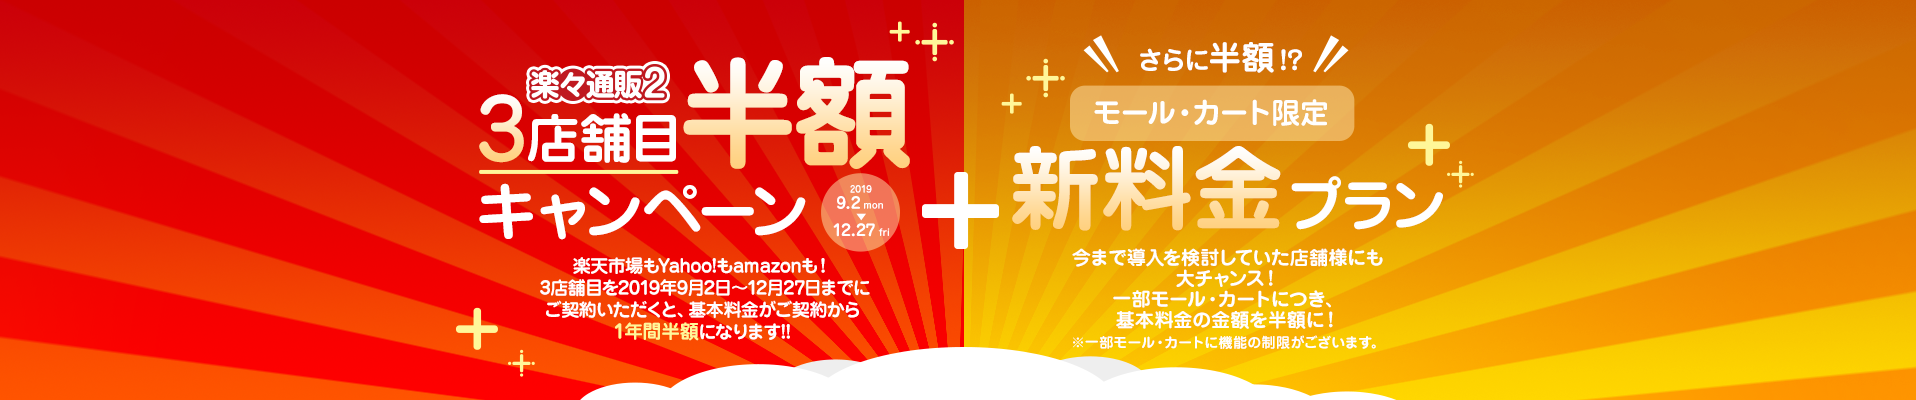 3店舗目半額キャンペーン+モール・カート限定新料金プラン